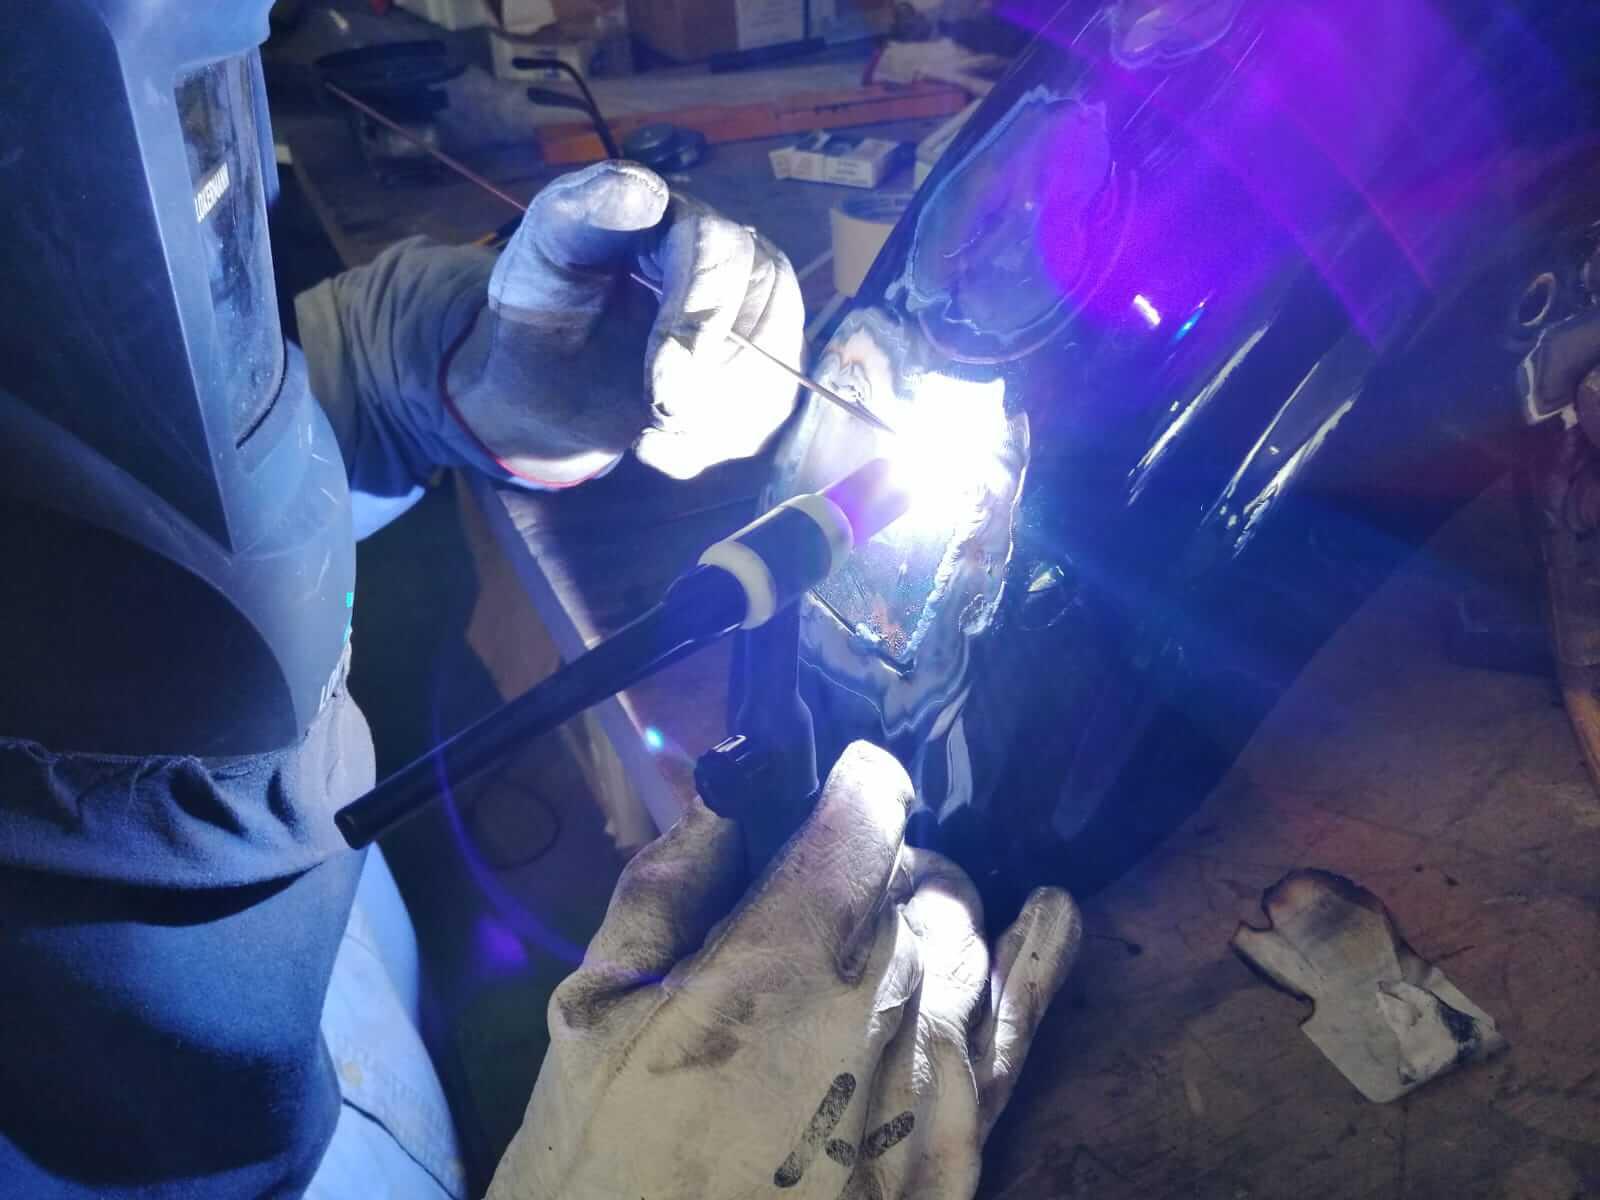 Saldatore professionista mentre ripara il parafango di una motocicletta con saldatura TIG